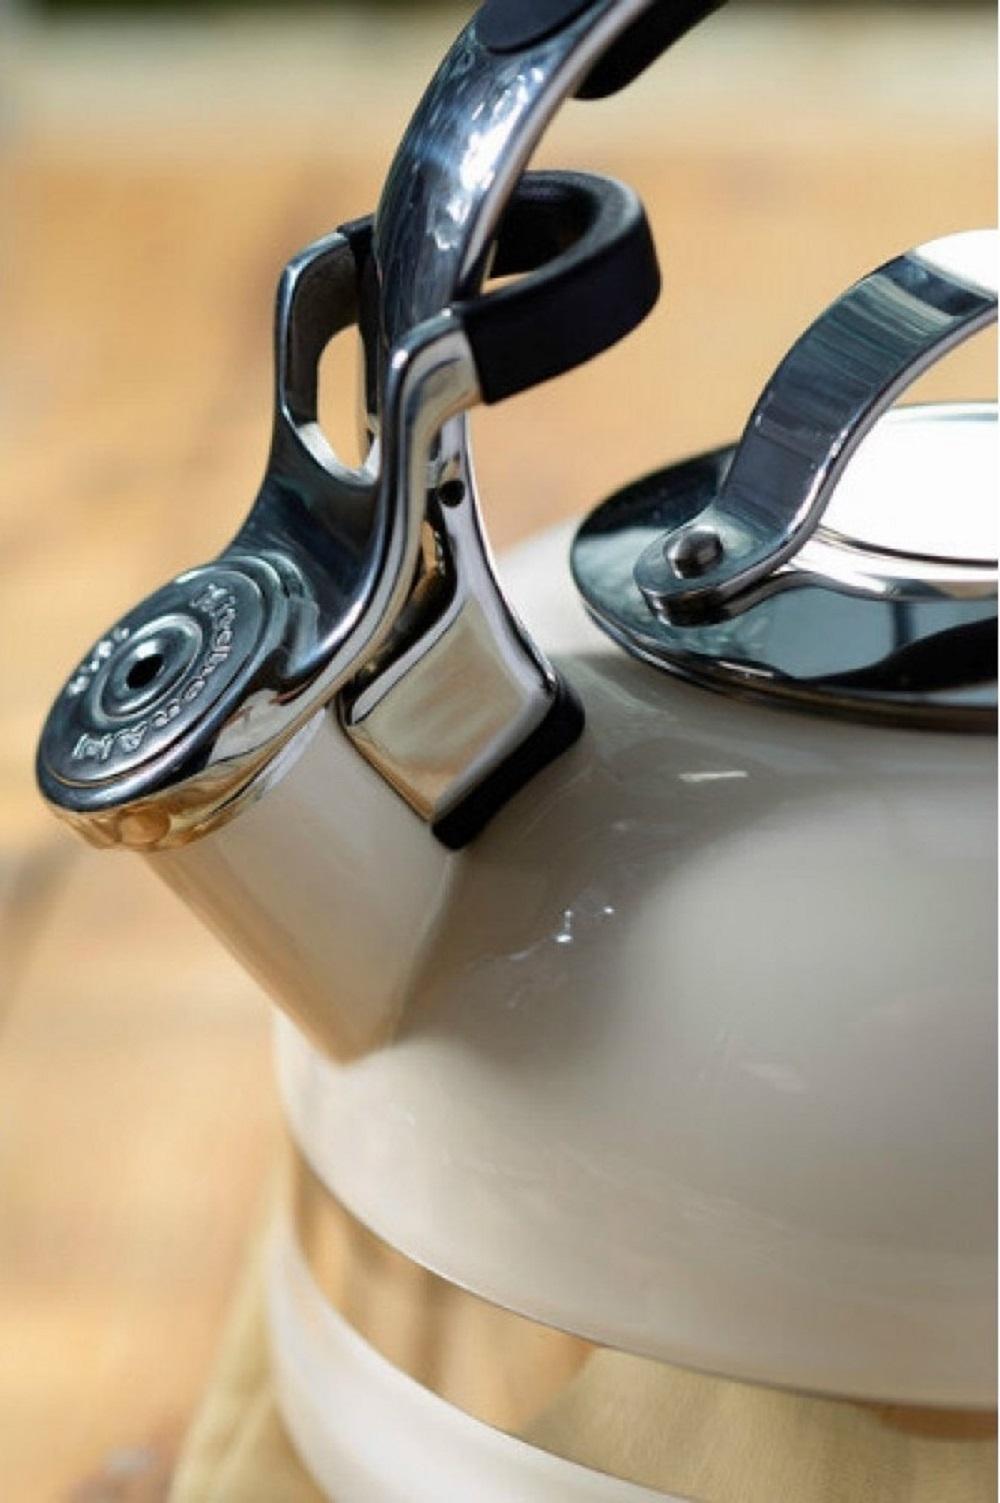 Чайник наплитный классический со свистком KitchenAid, объем 1,89 л, кремовый KitchenAid KTEN20SBAC фото 1